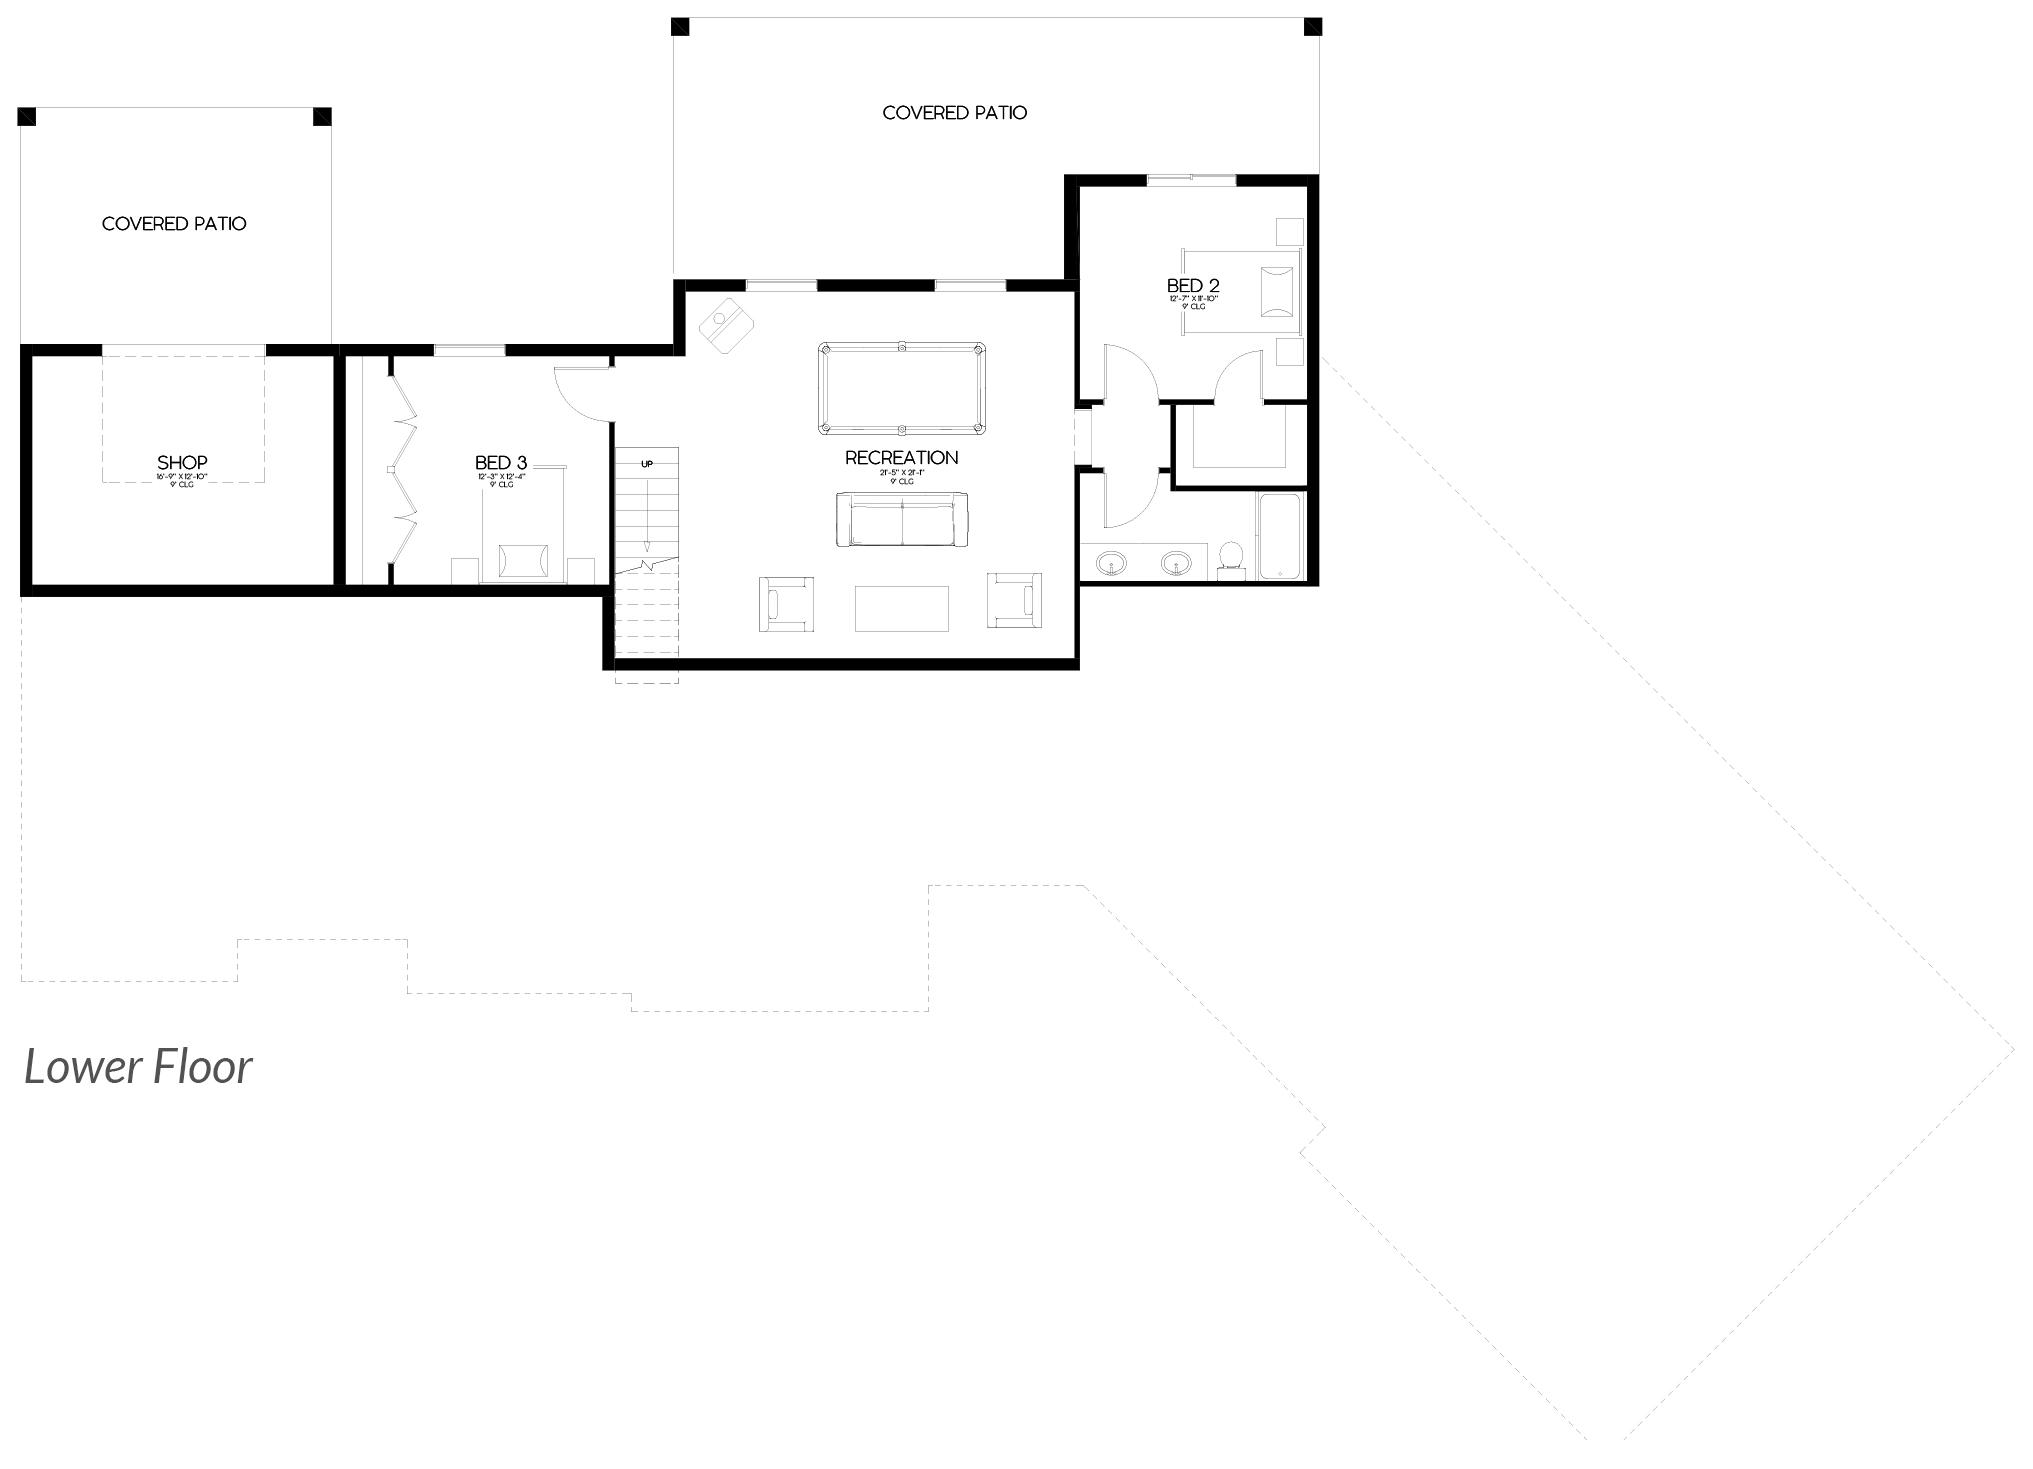 Shaffer Inc. Contemporary Timber Custom Home Plans Lower Floor